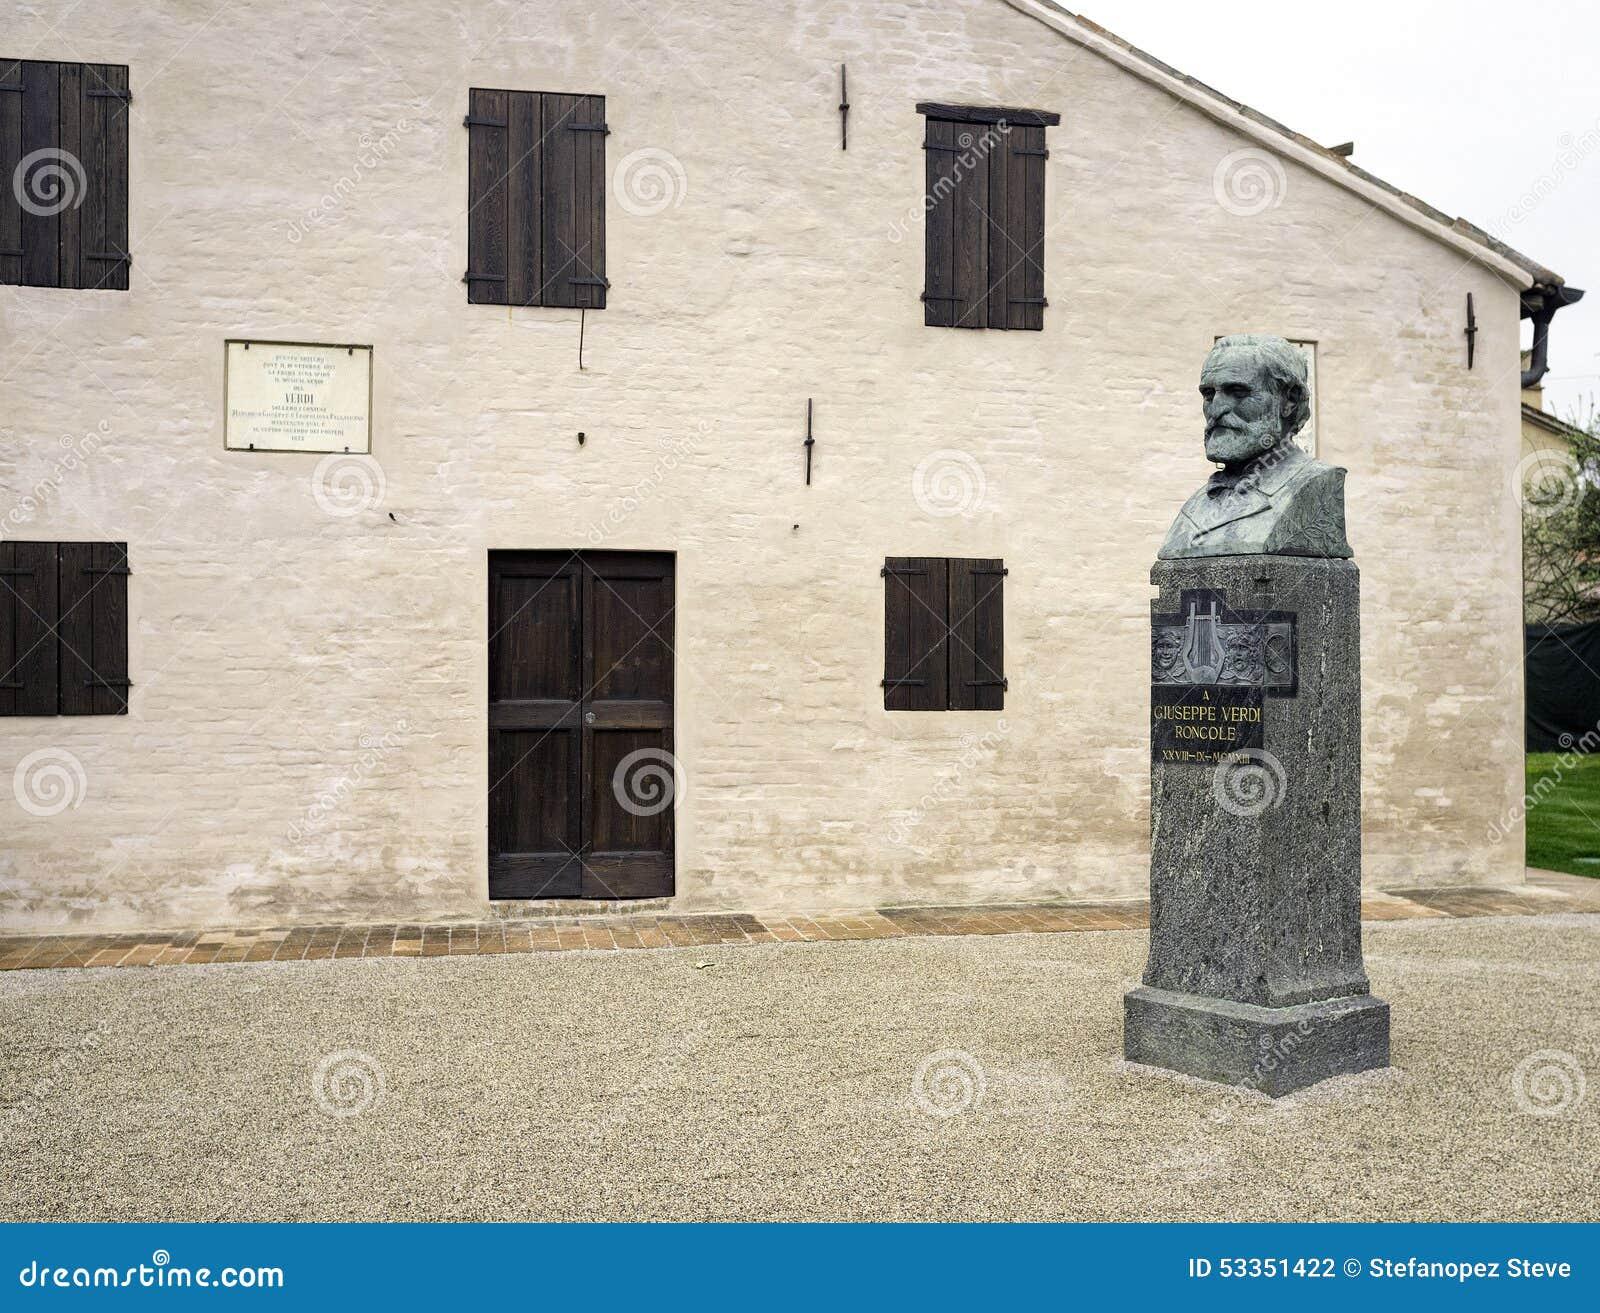 Giuseppe Verdi-geboortehuis, detail Het beeld van de kleur